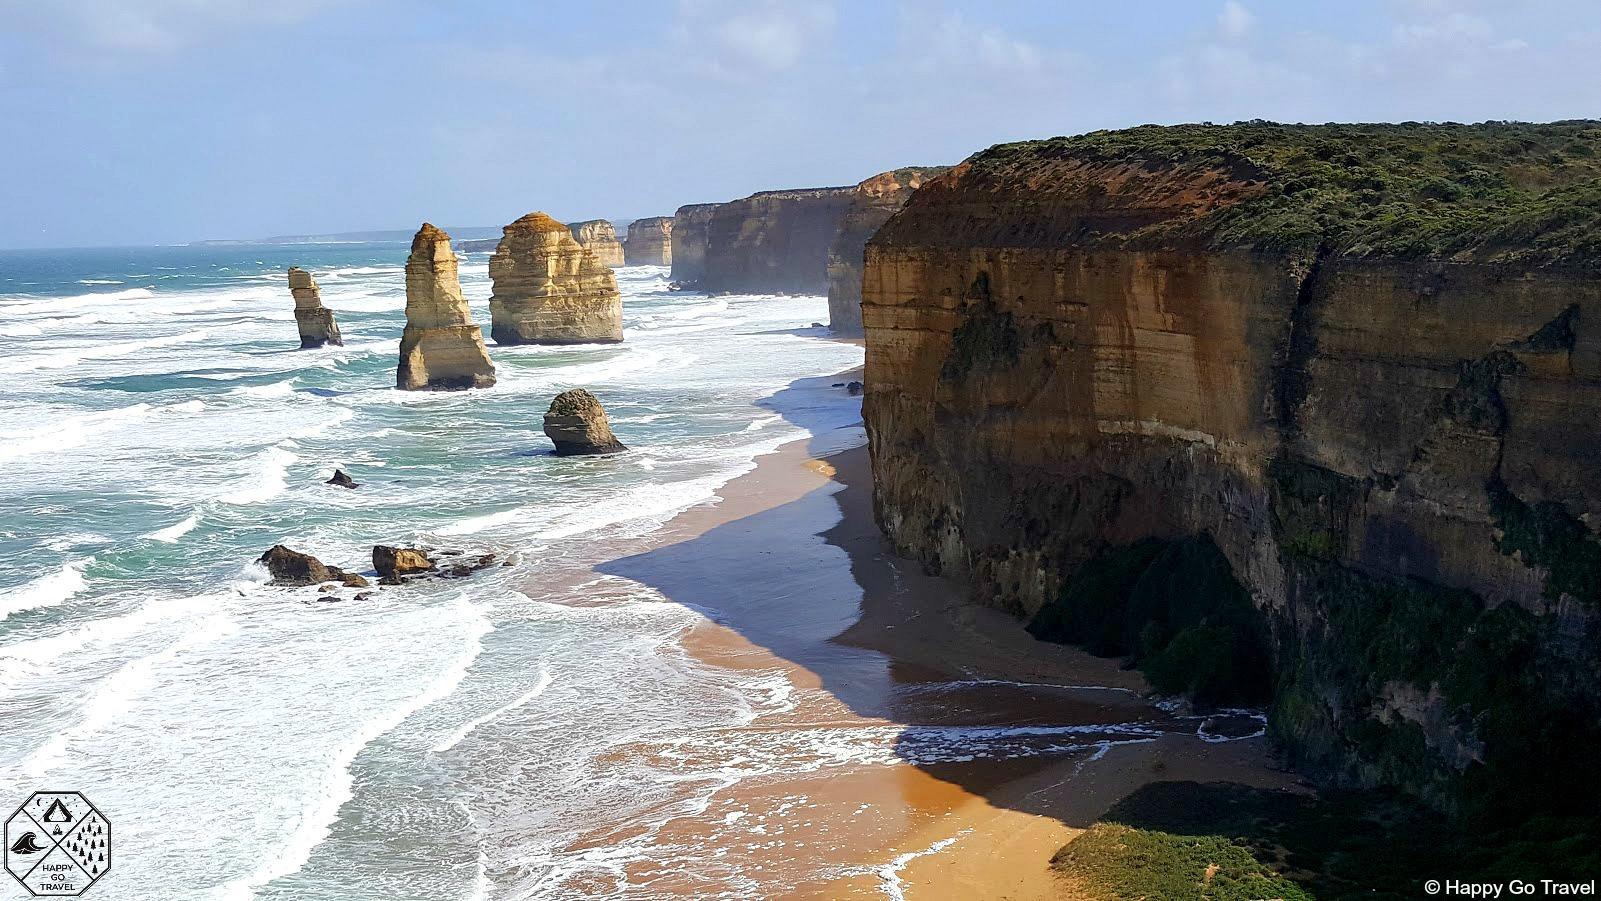 12 apostles Great Ocean Road